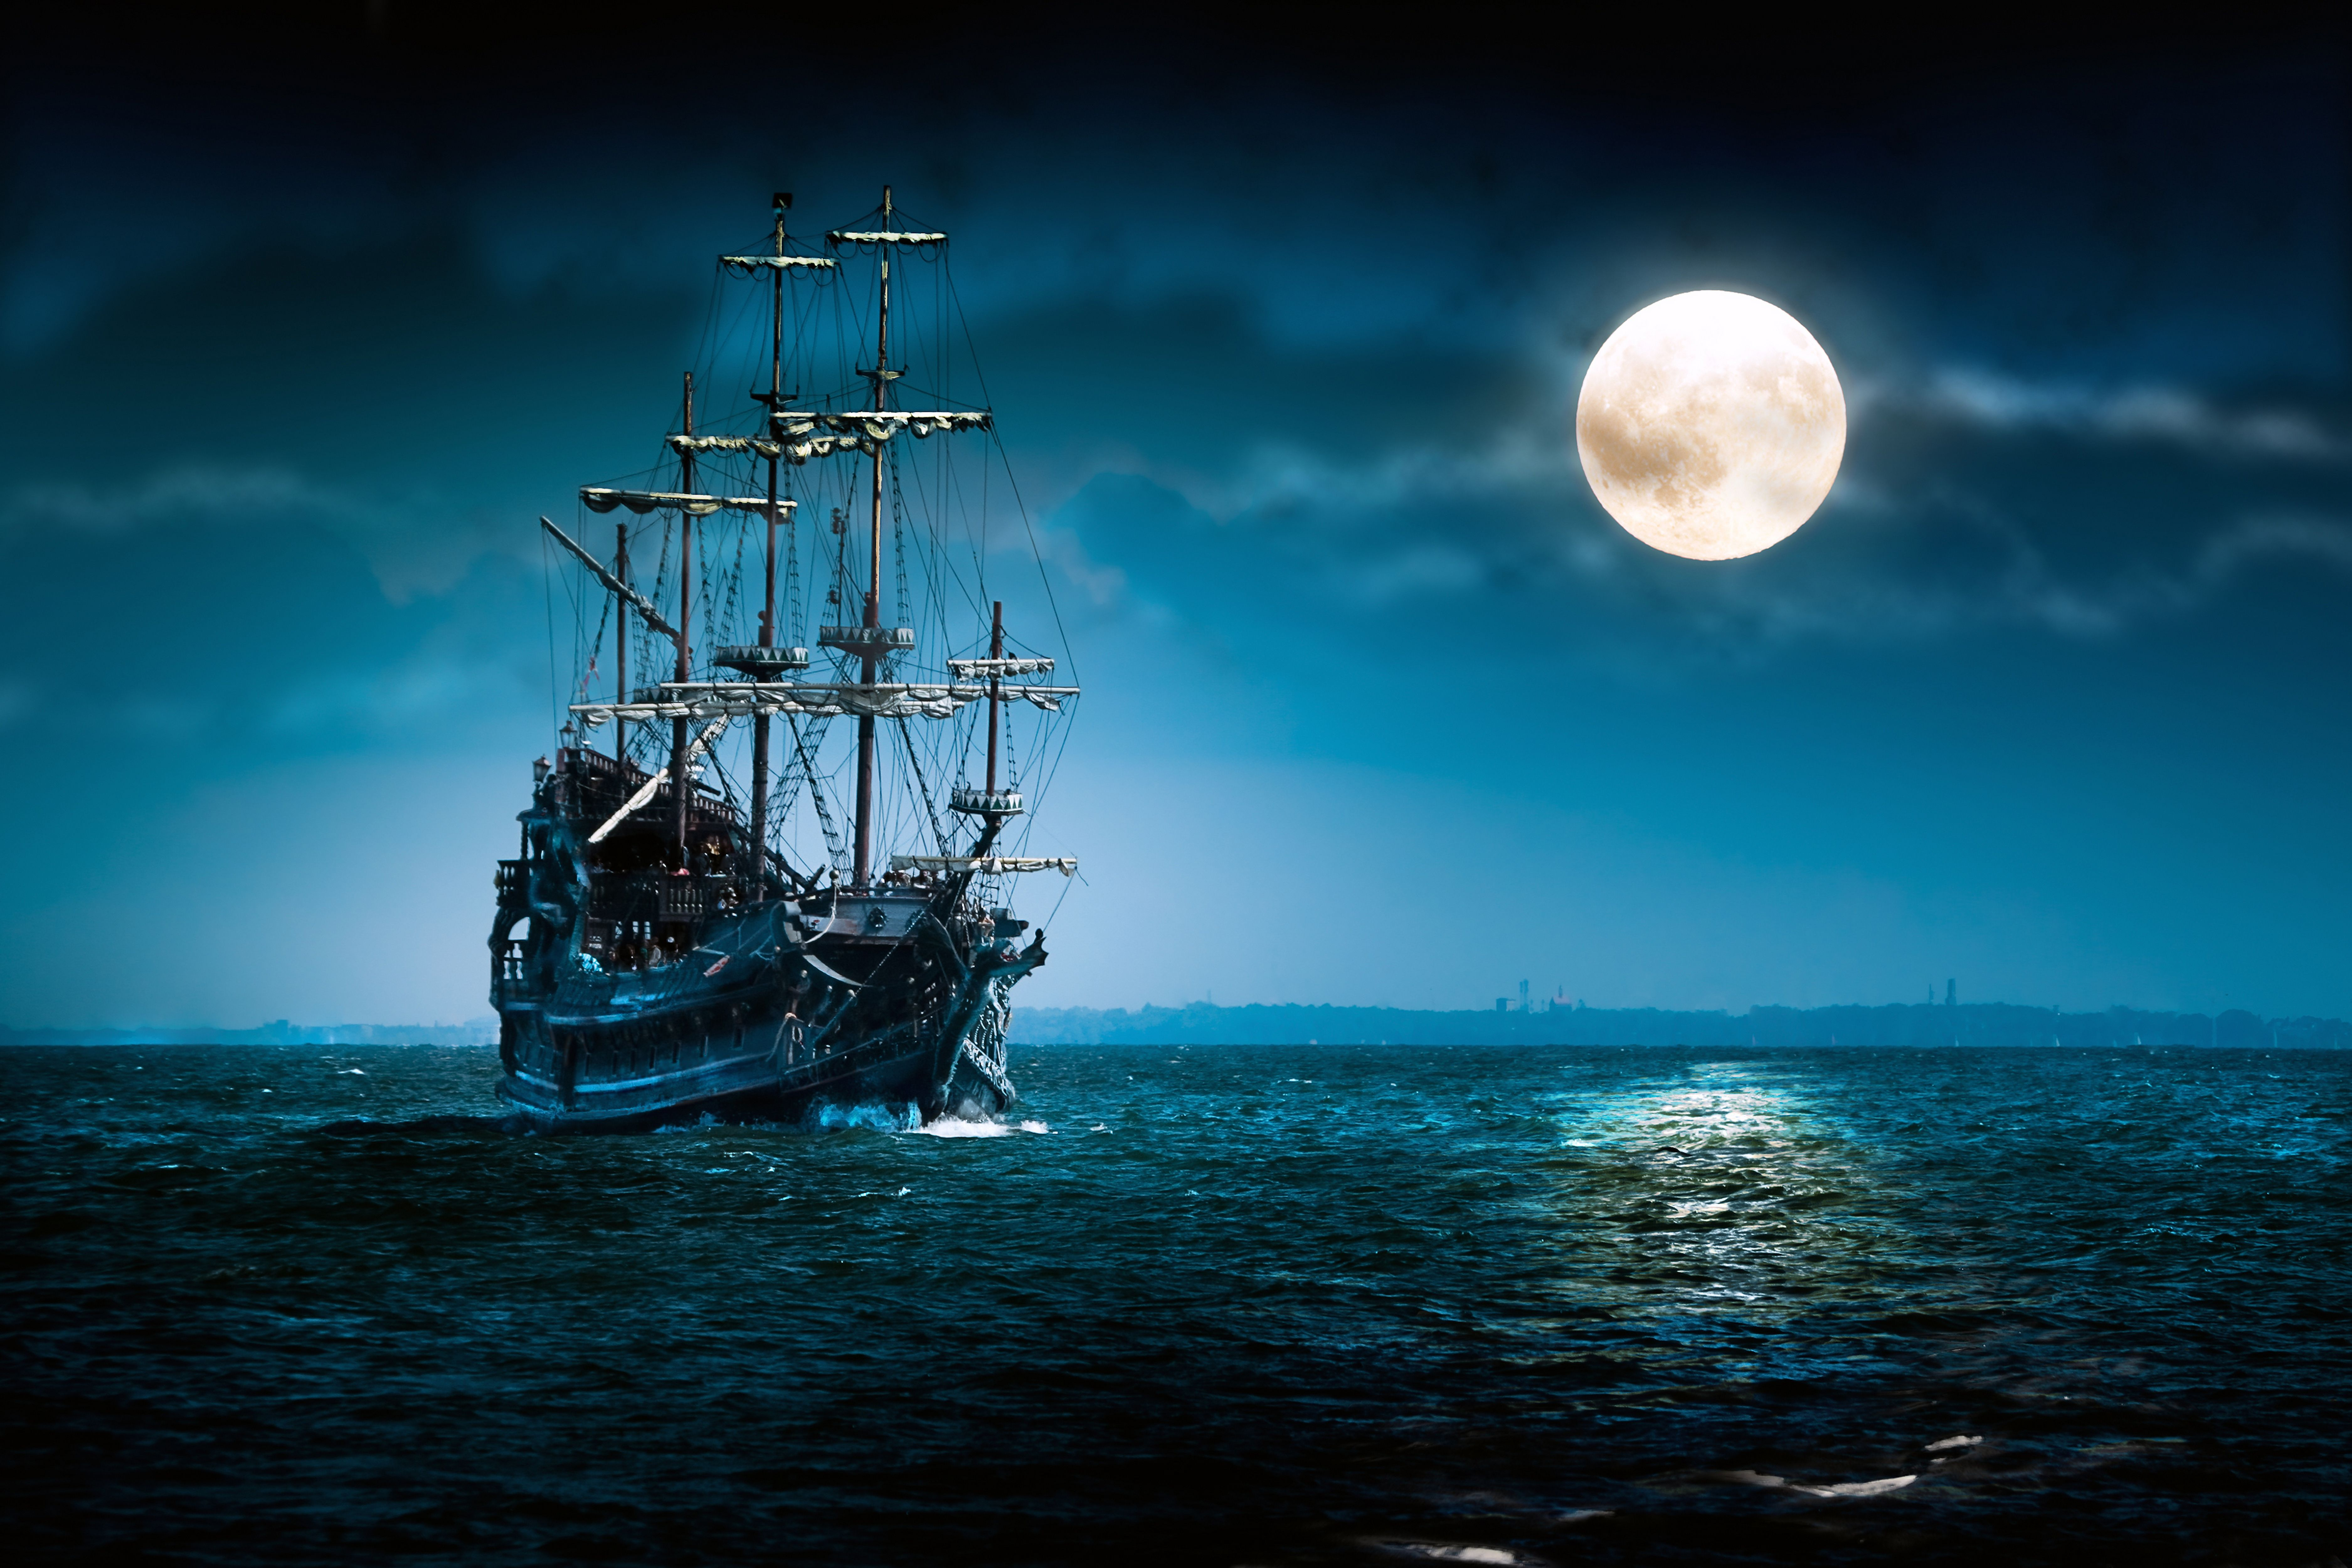 Ships At Night Wallpapers Top Free Ships At Night